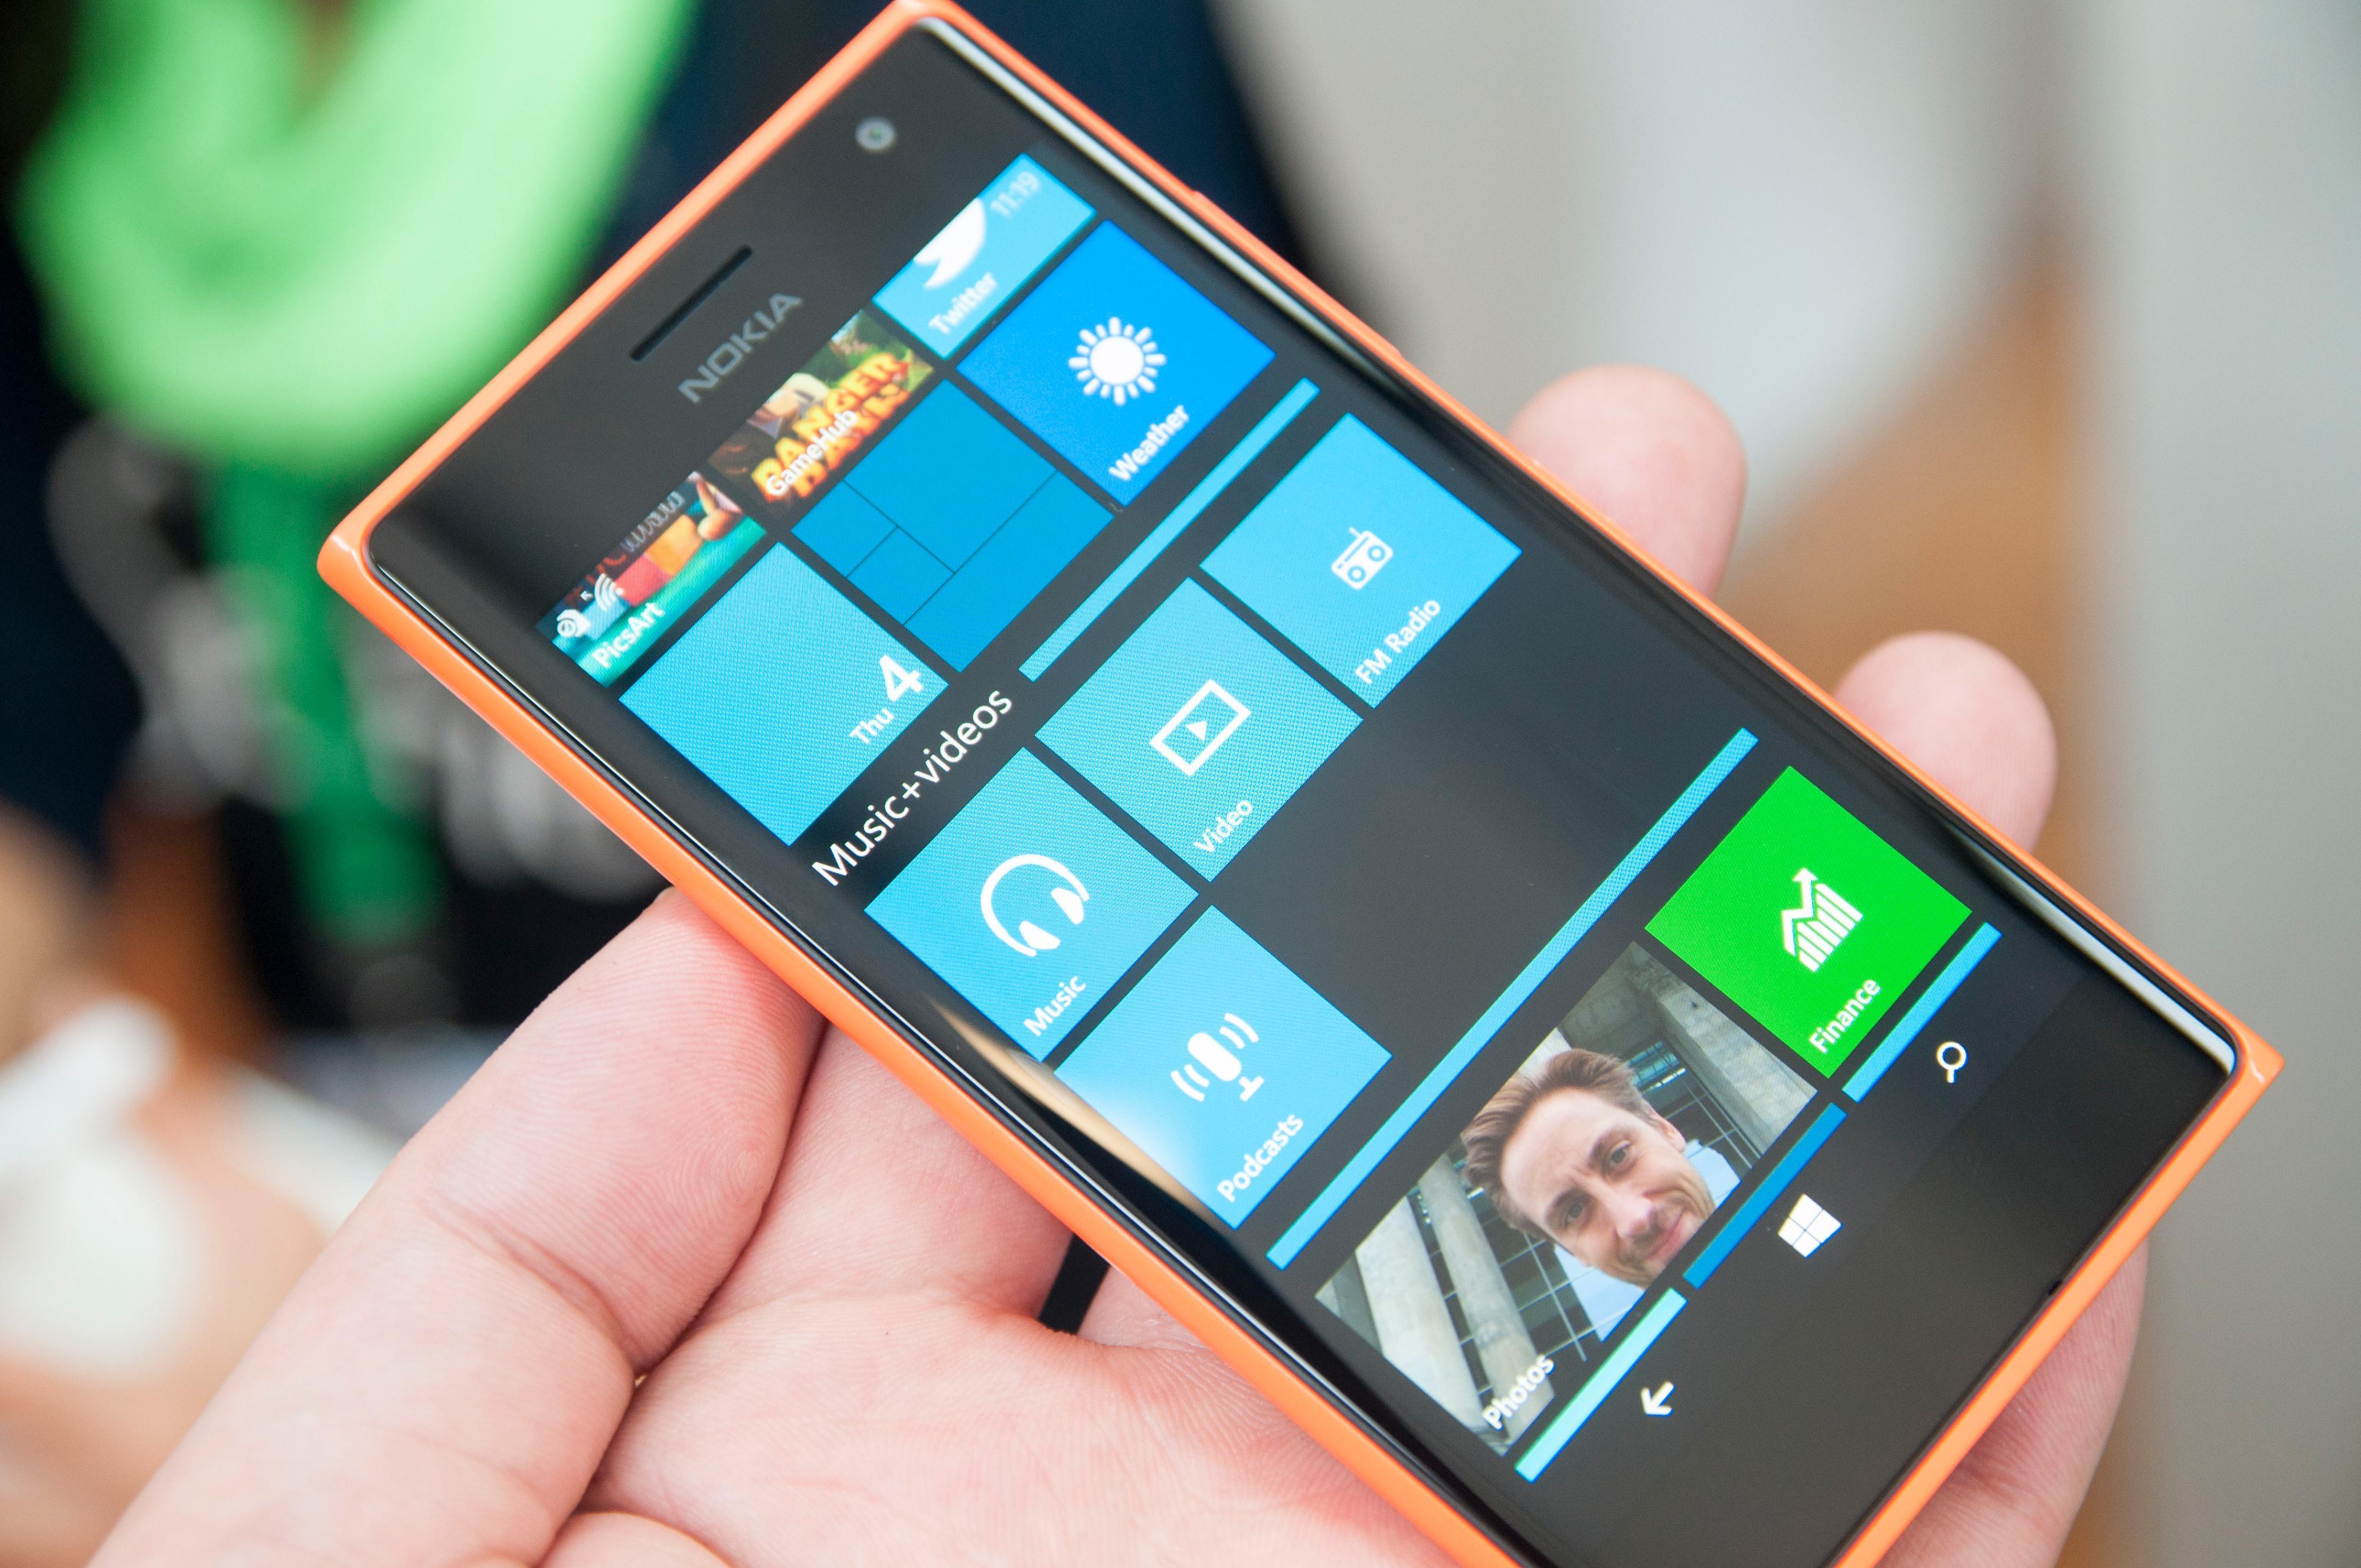 Siste utgave av Windows Phone 8.1 har tatt et oppgjør med så godt som alt som manglet i tidligere versjoner. Mapper og varslingssenter er blant de viktigere tingene.Foto: Finn Jarle Kvalheim, Amobil.no